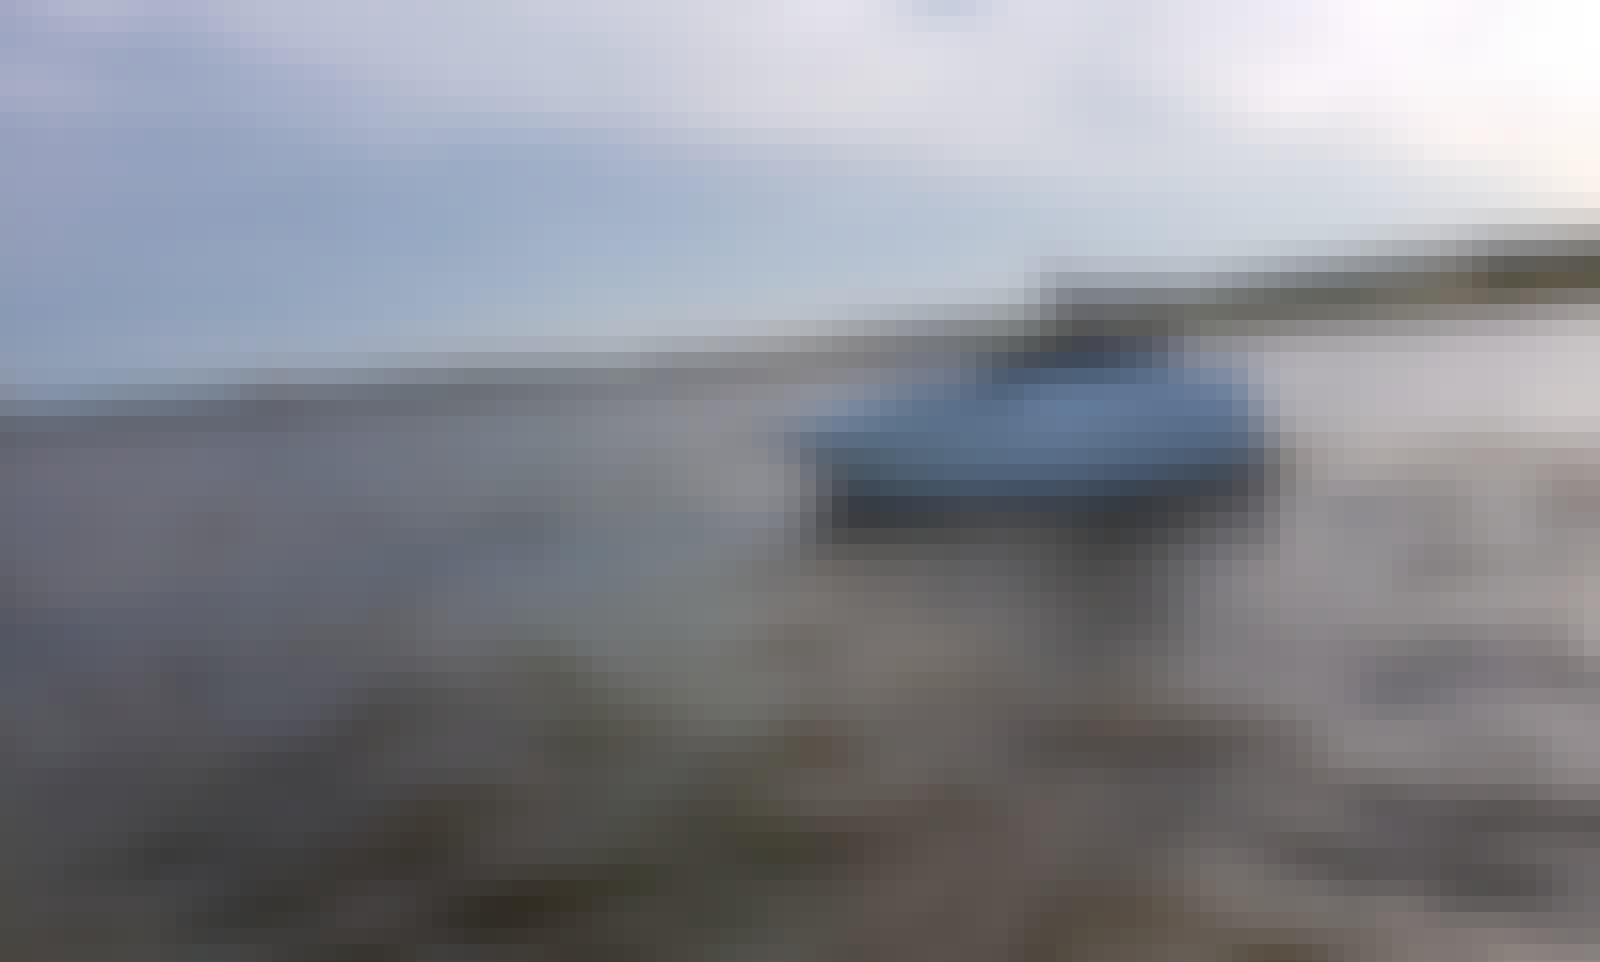 25' Bayliner Ciera 245 on the Potomac River